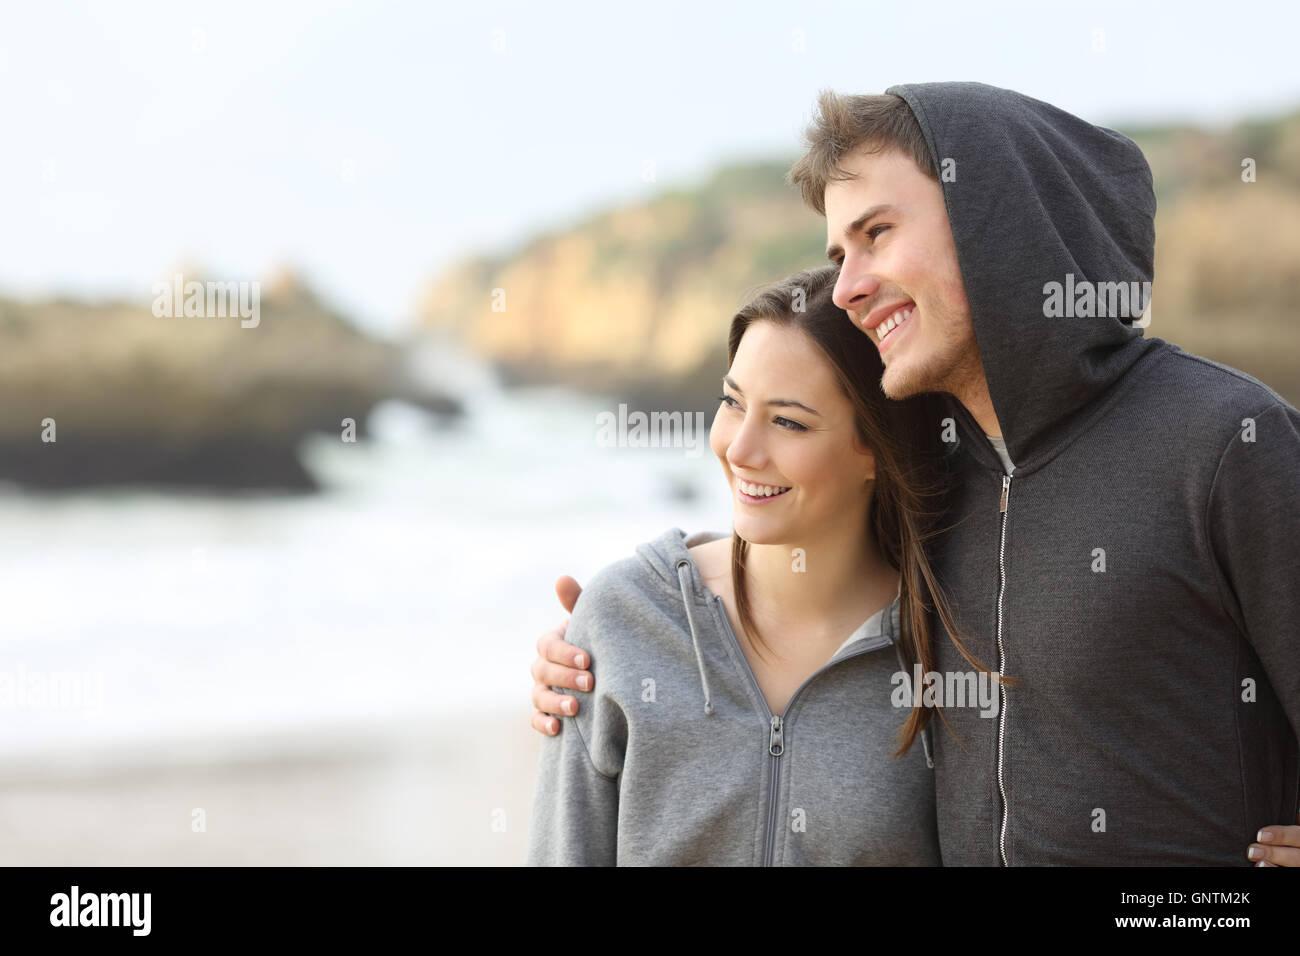 Felice coppia di ragazzi abbracciando e facendo una passeggiata sulla spiaggia Immagini Stock